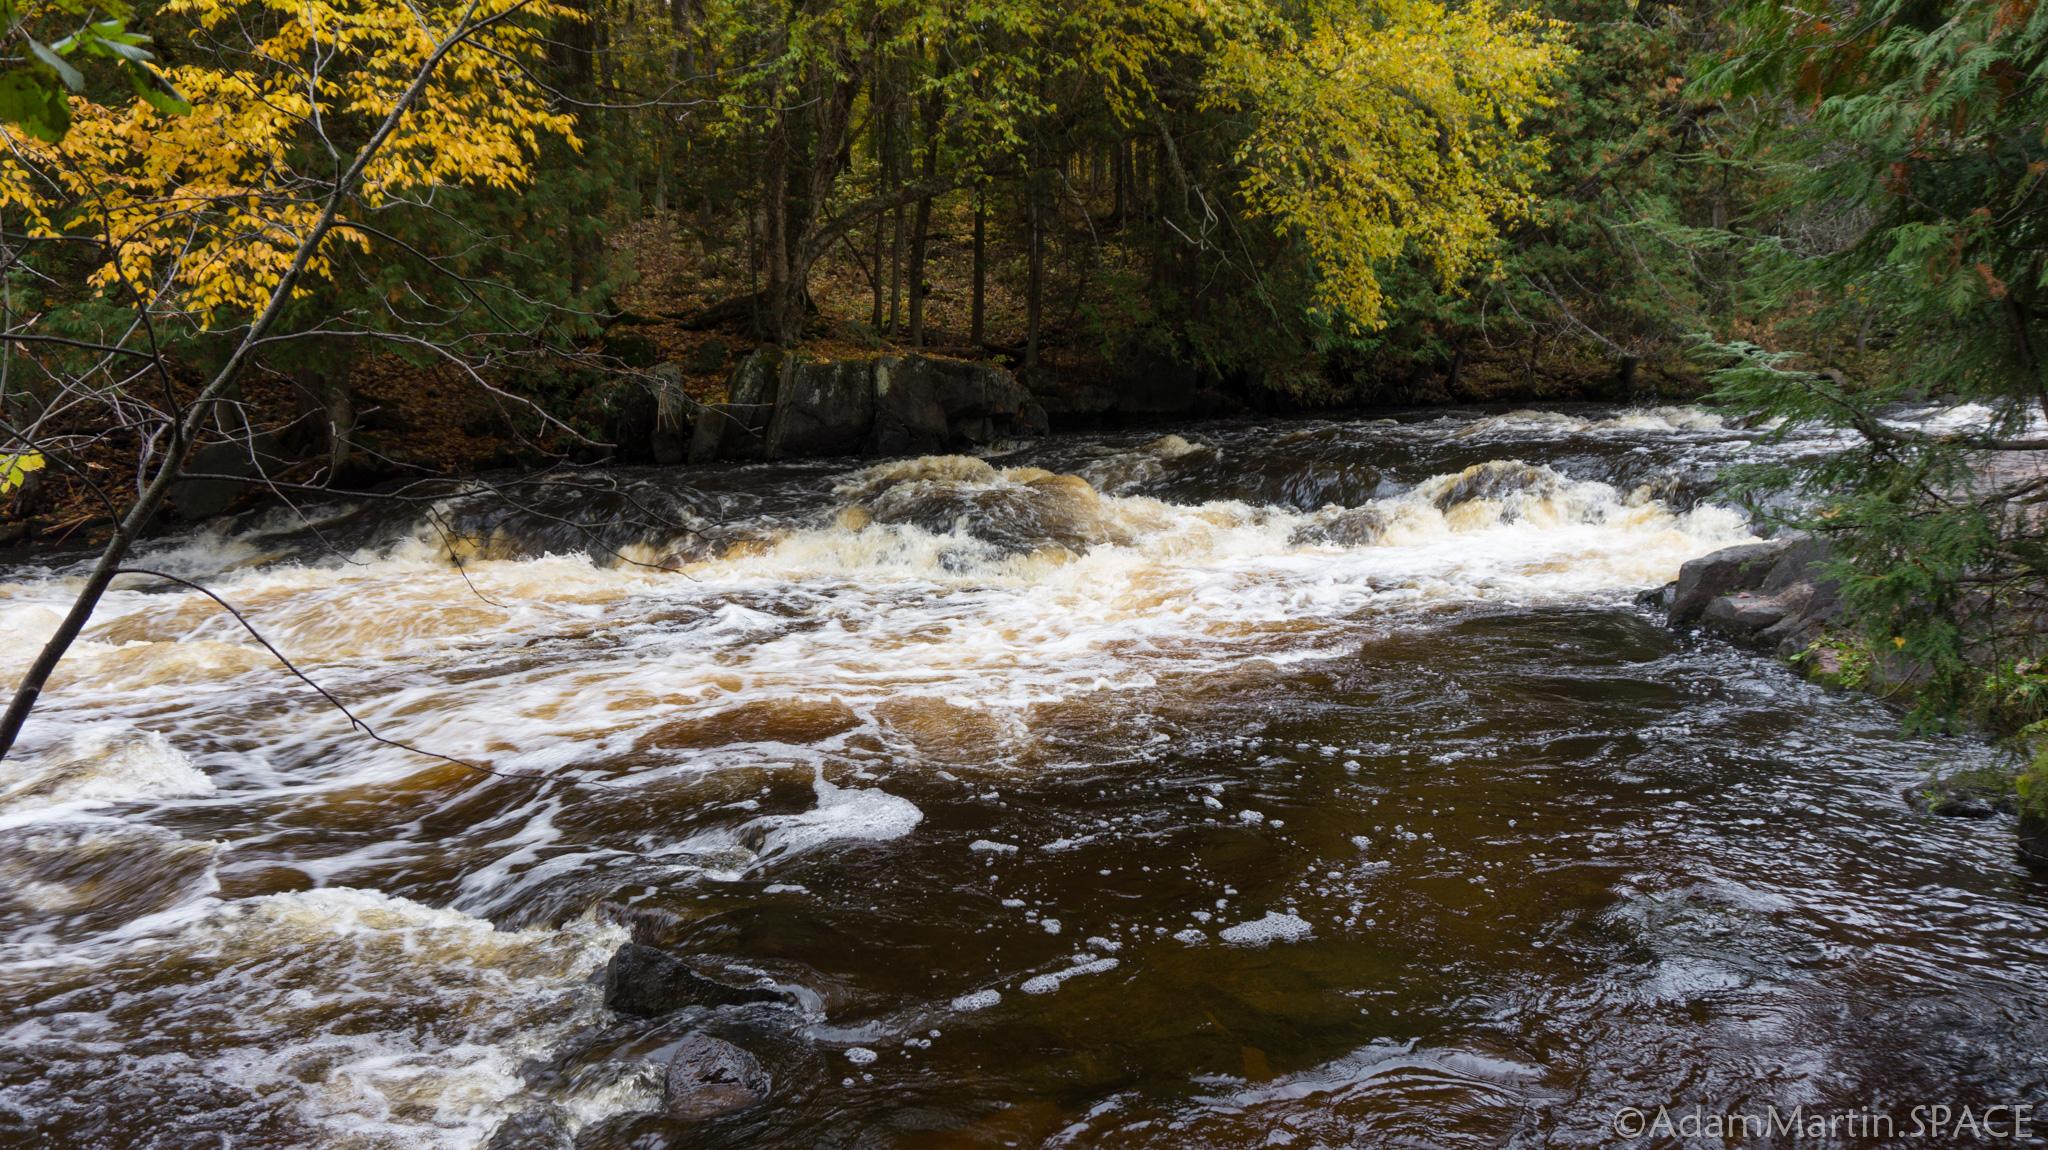 Bagley Rapids